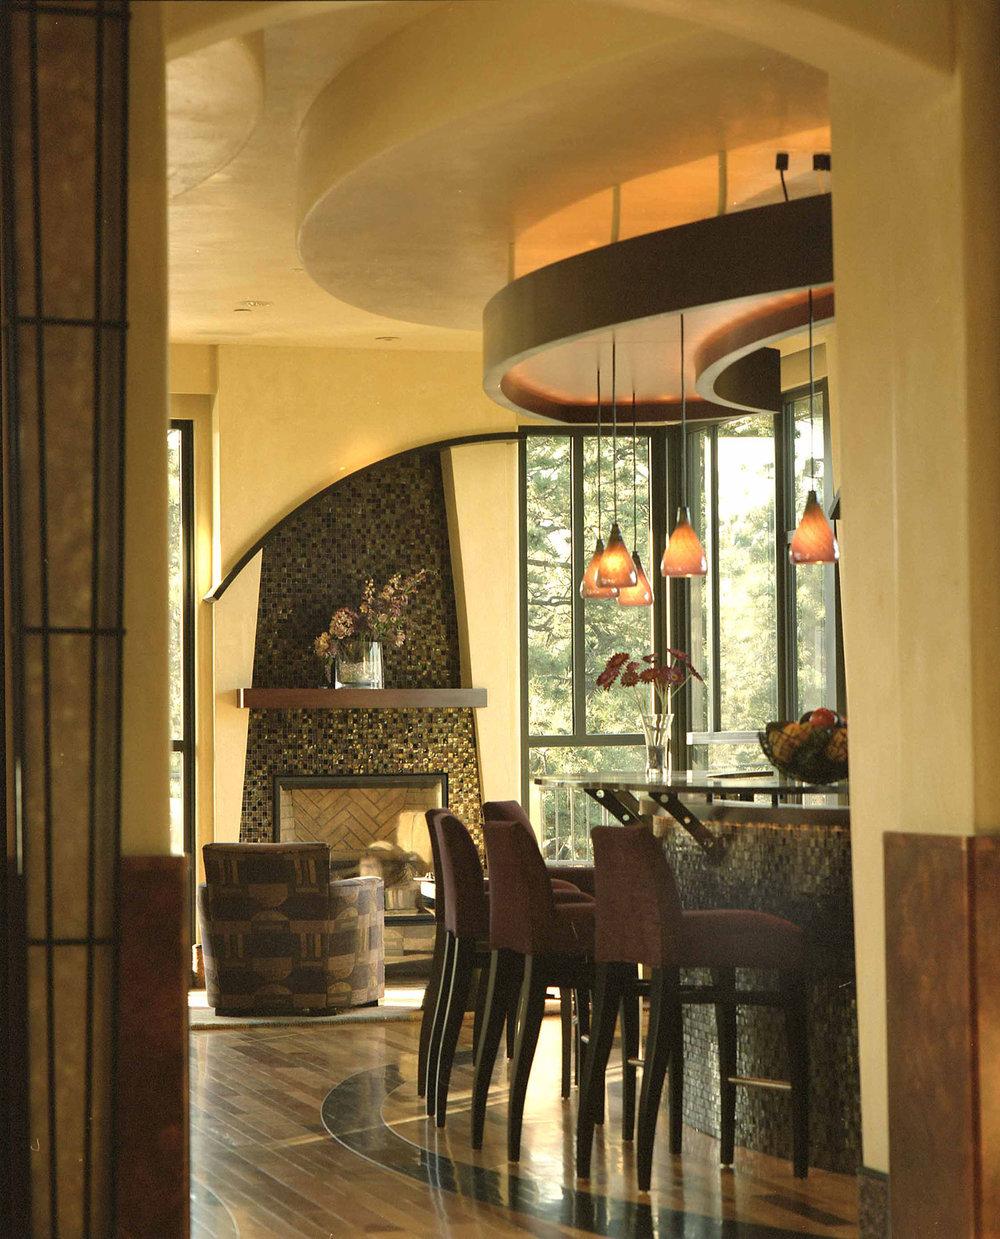 BEST-Interior-Kitchen-Nook-North.jpg